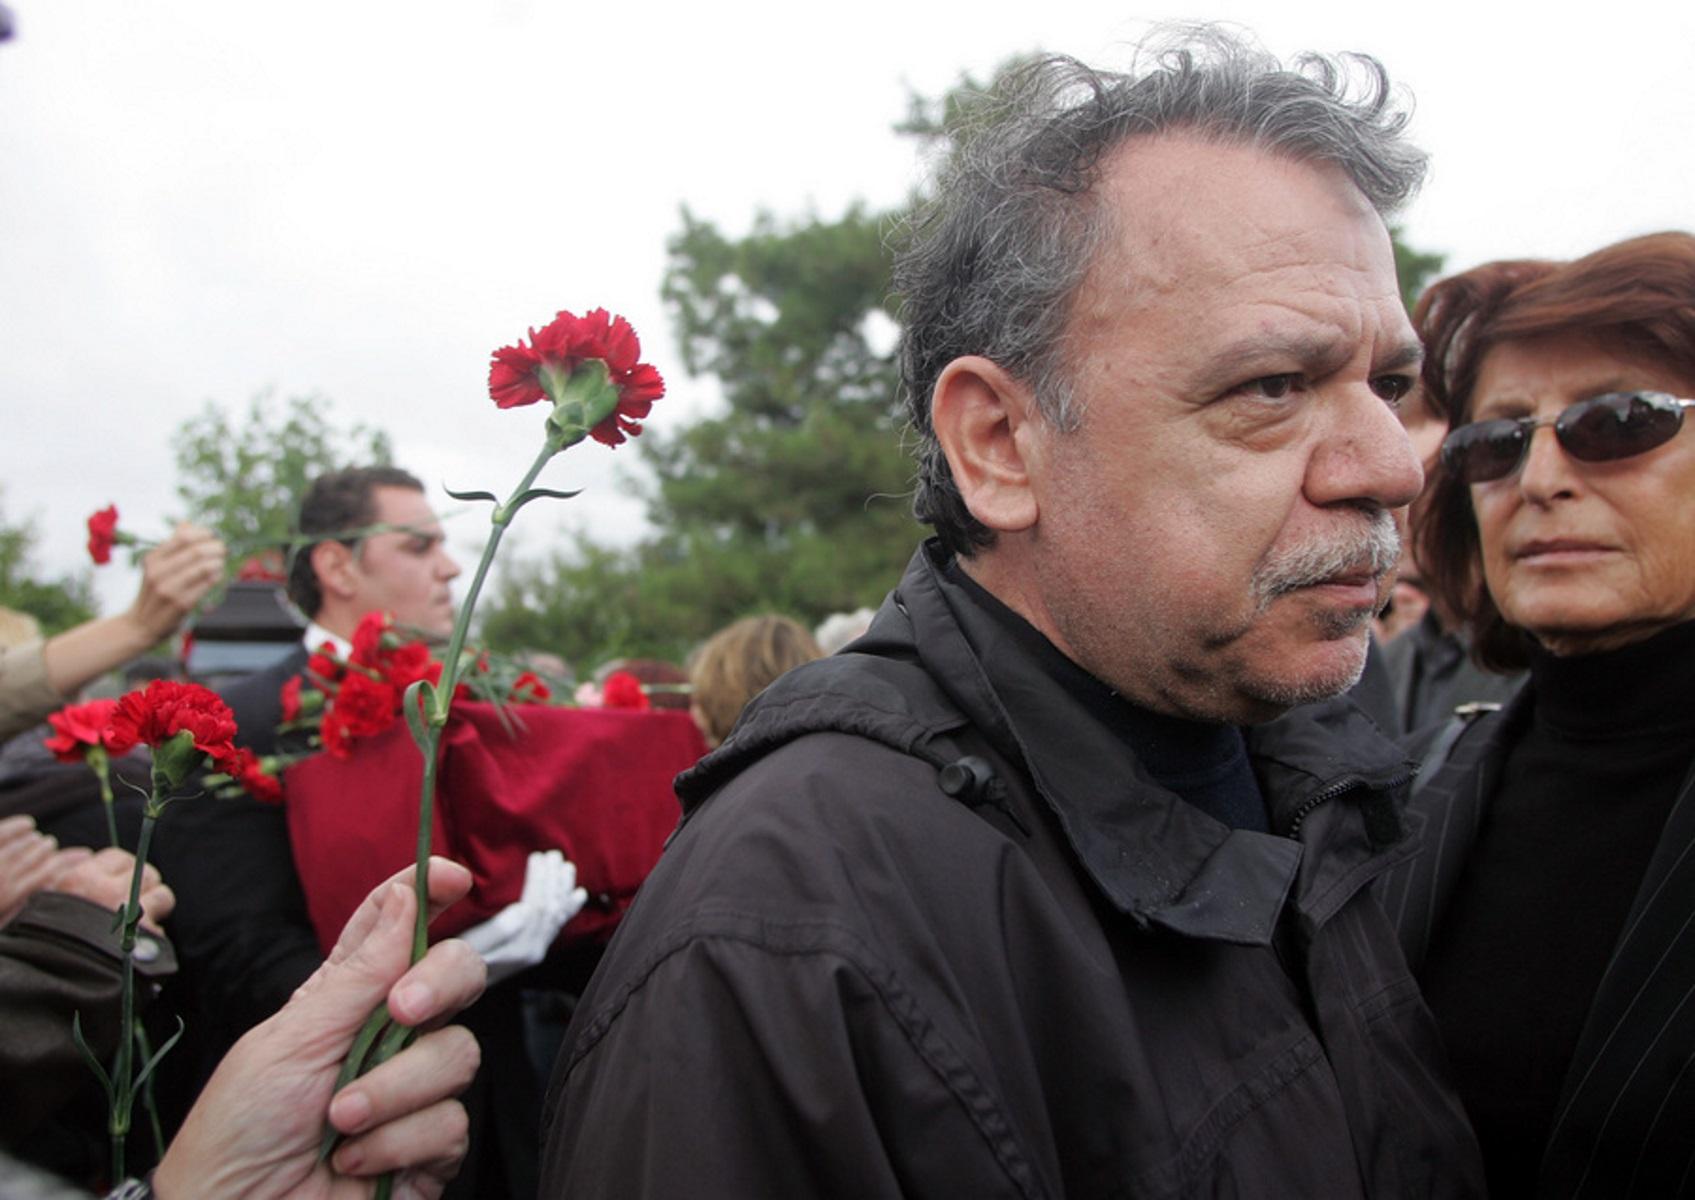 Τα συλλυπητήρια του πολιτικού κόσμου για τον θάνατο του Νίκου Μπελογιάννη